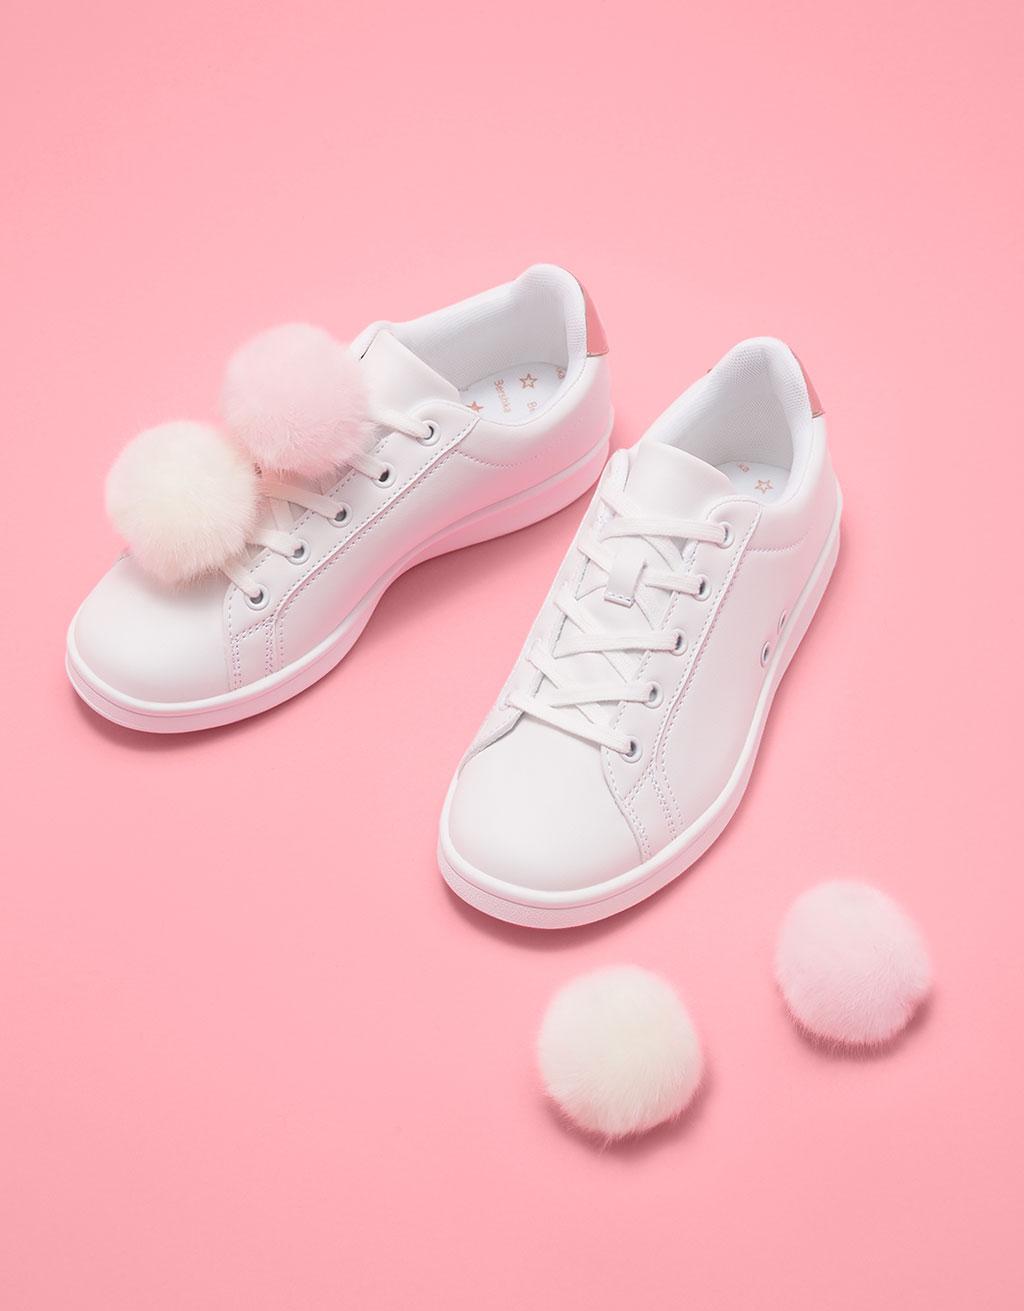 Pompoms slippers